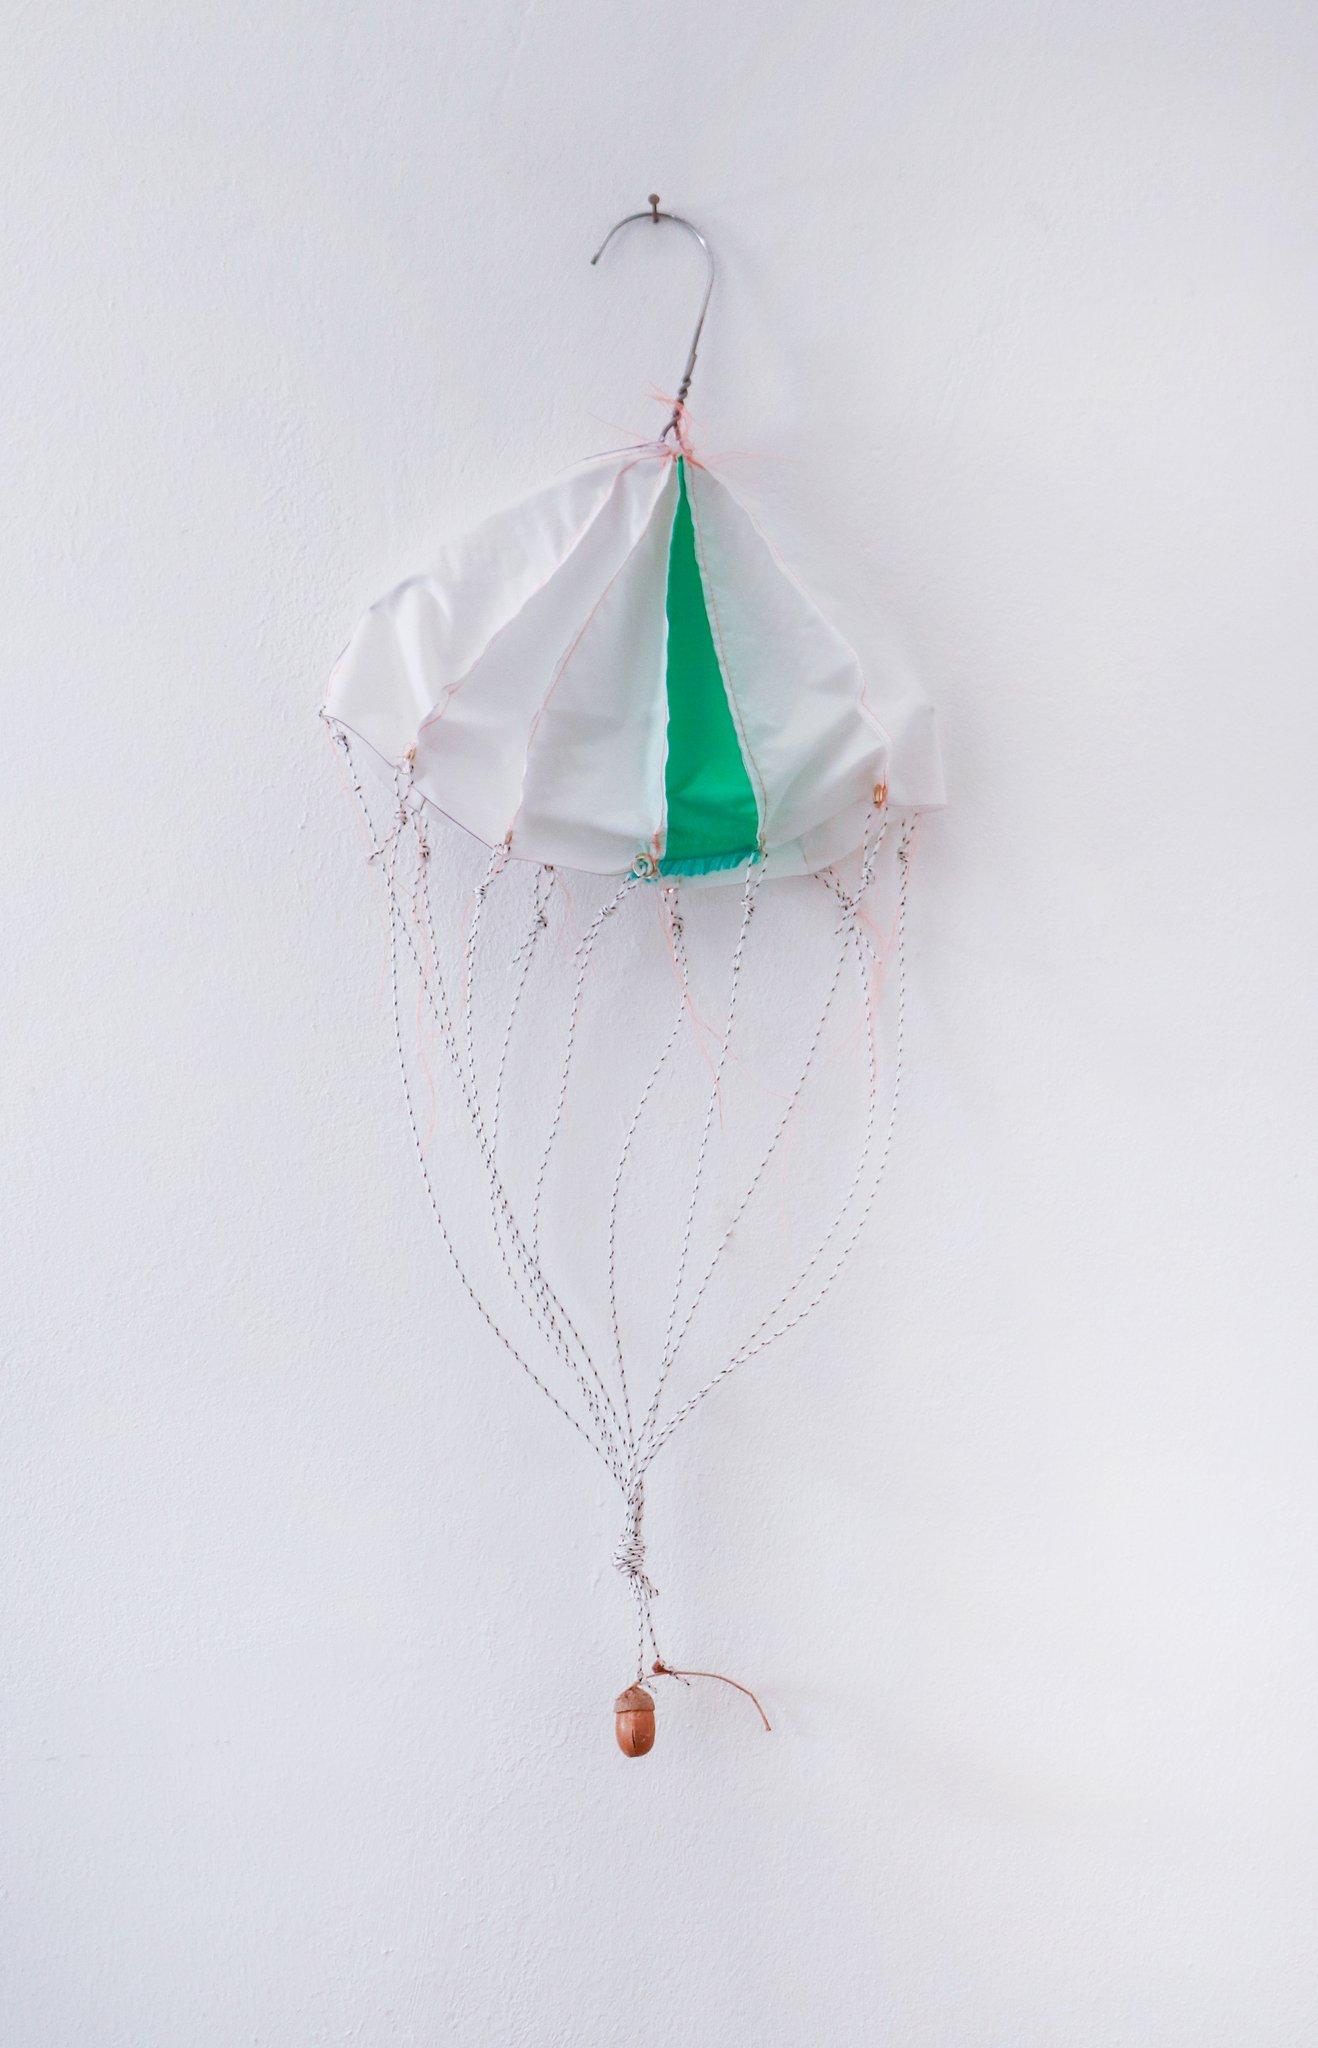 Flug-Eichel, Crone-Edition, Galerie Crone Berlin, 2020